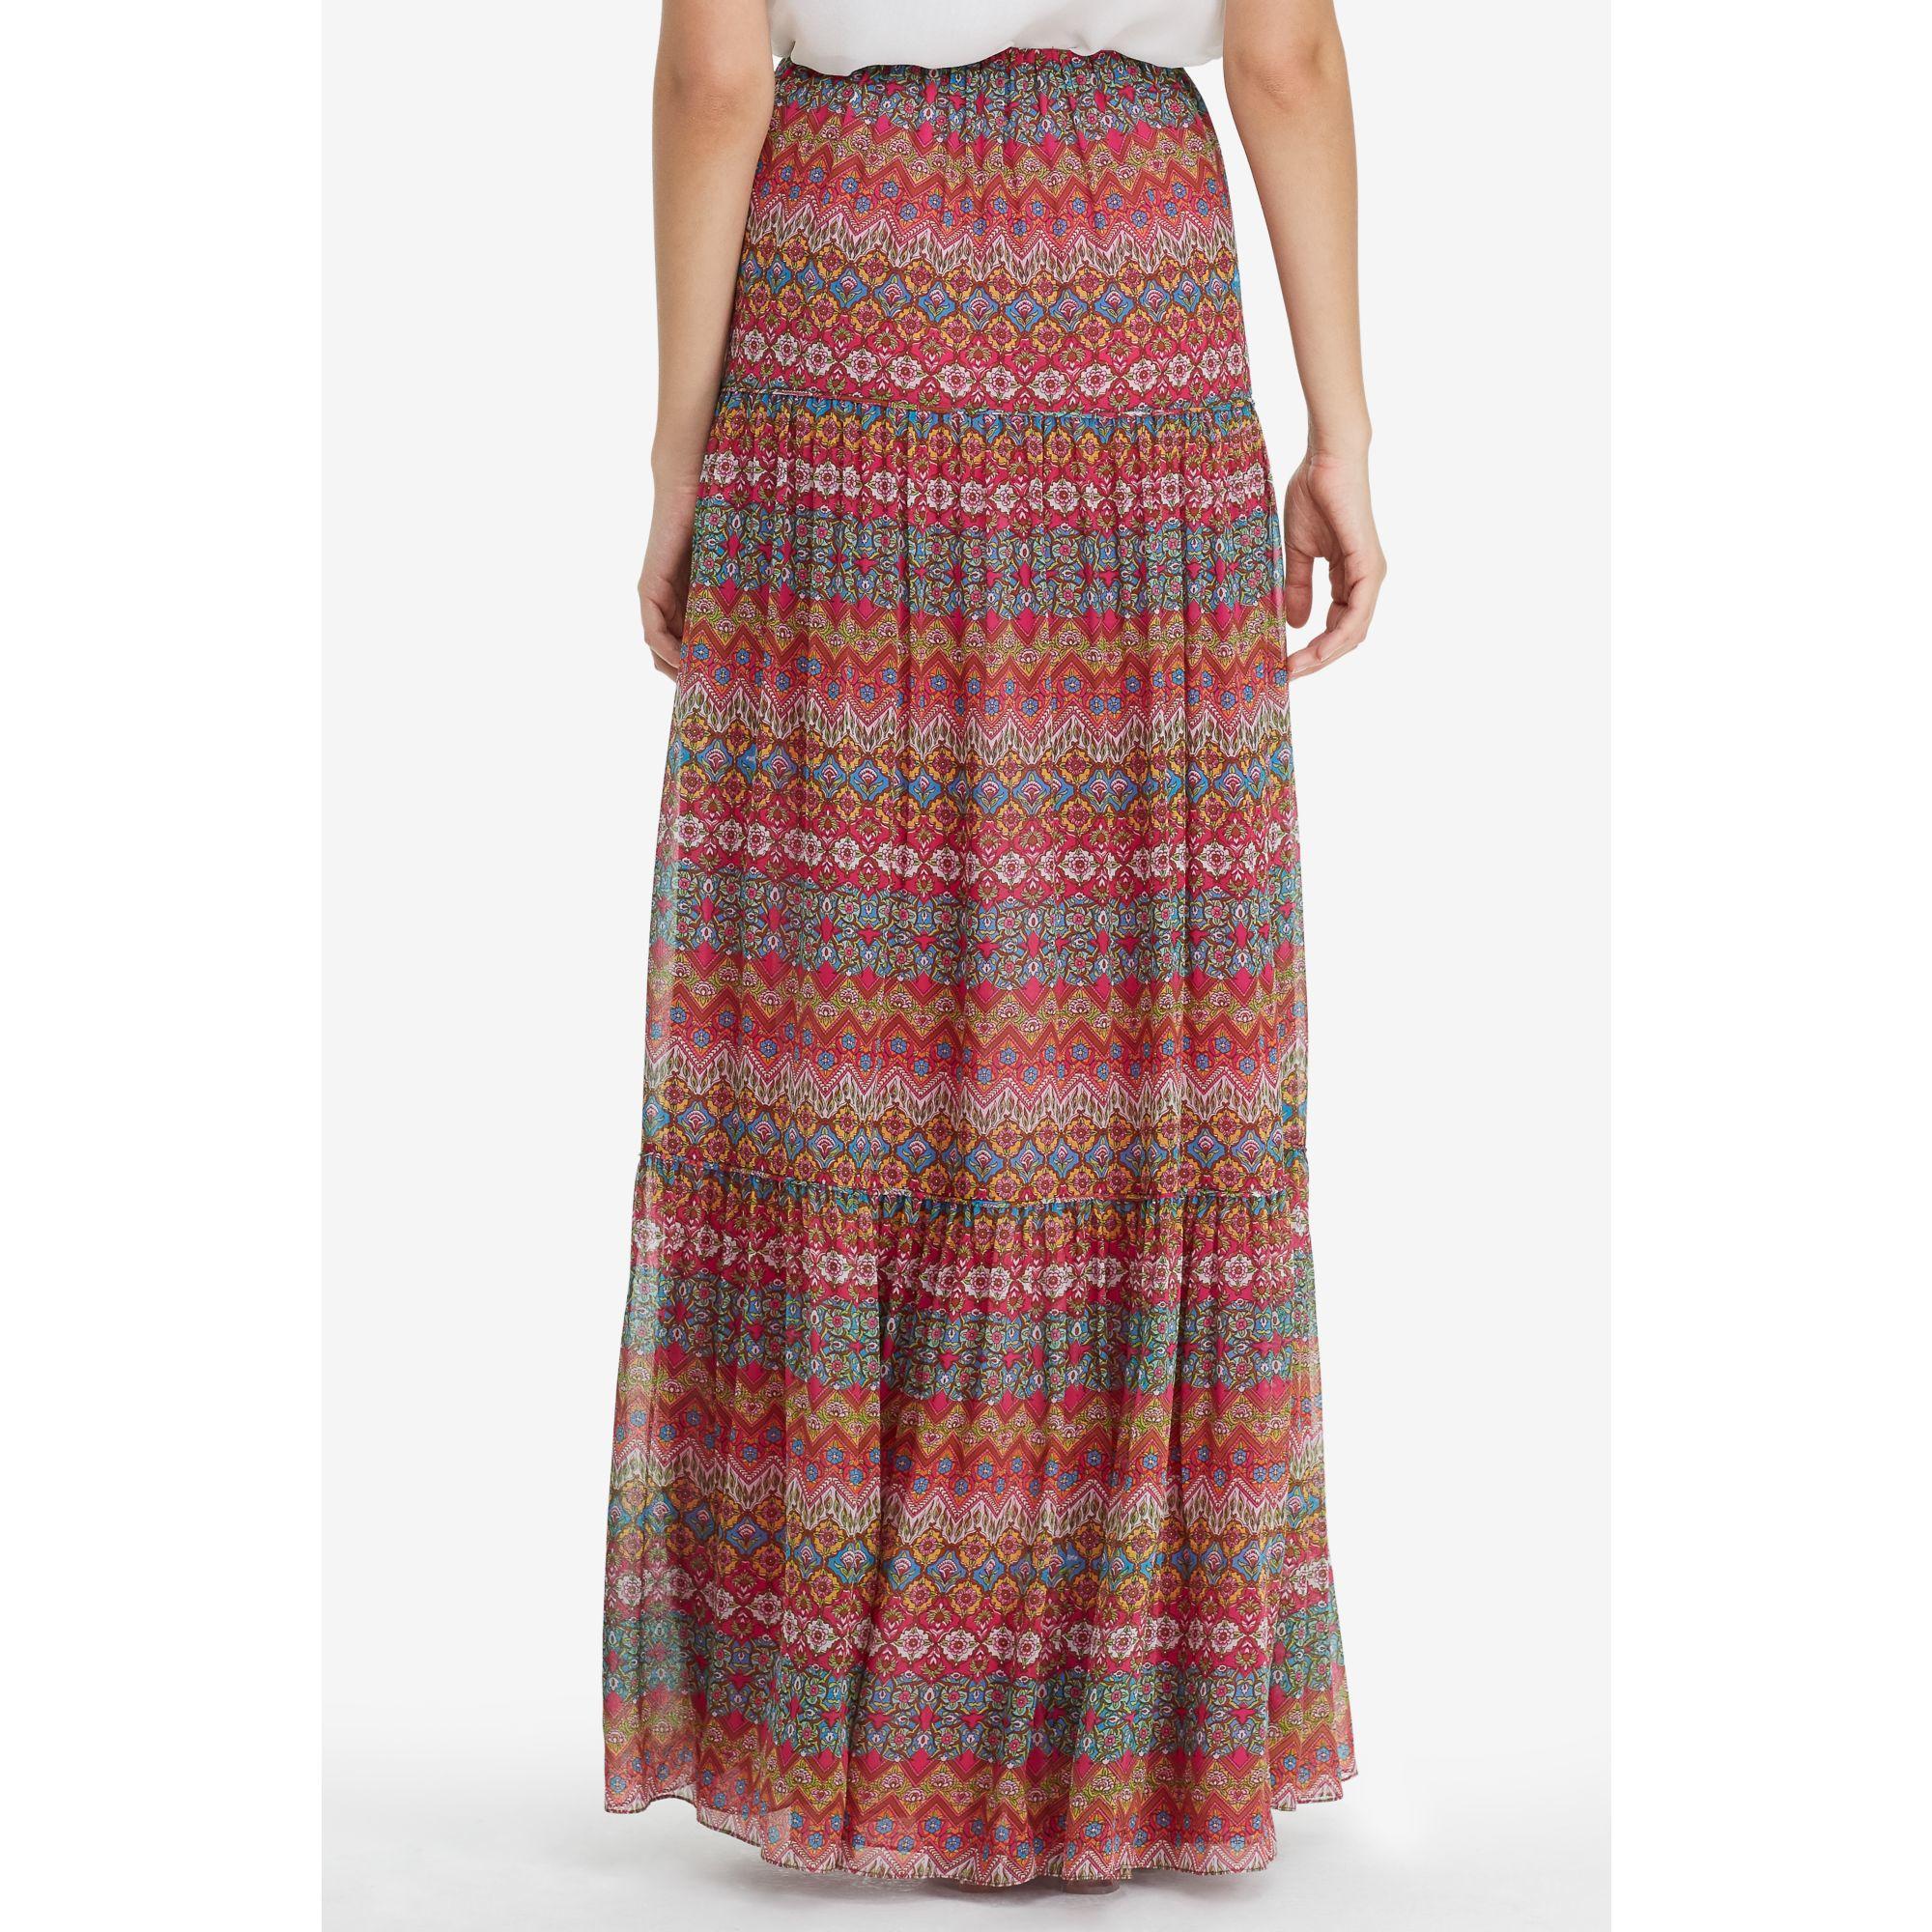 86077f8da5783 Diane von Furstenberg Dvf Baylee Chiffon Maxi Skirt - Lyst